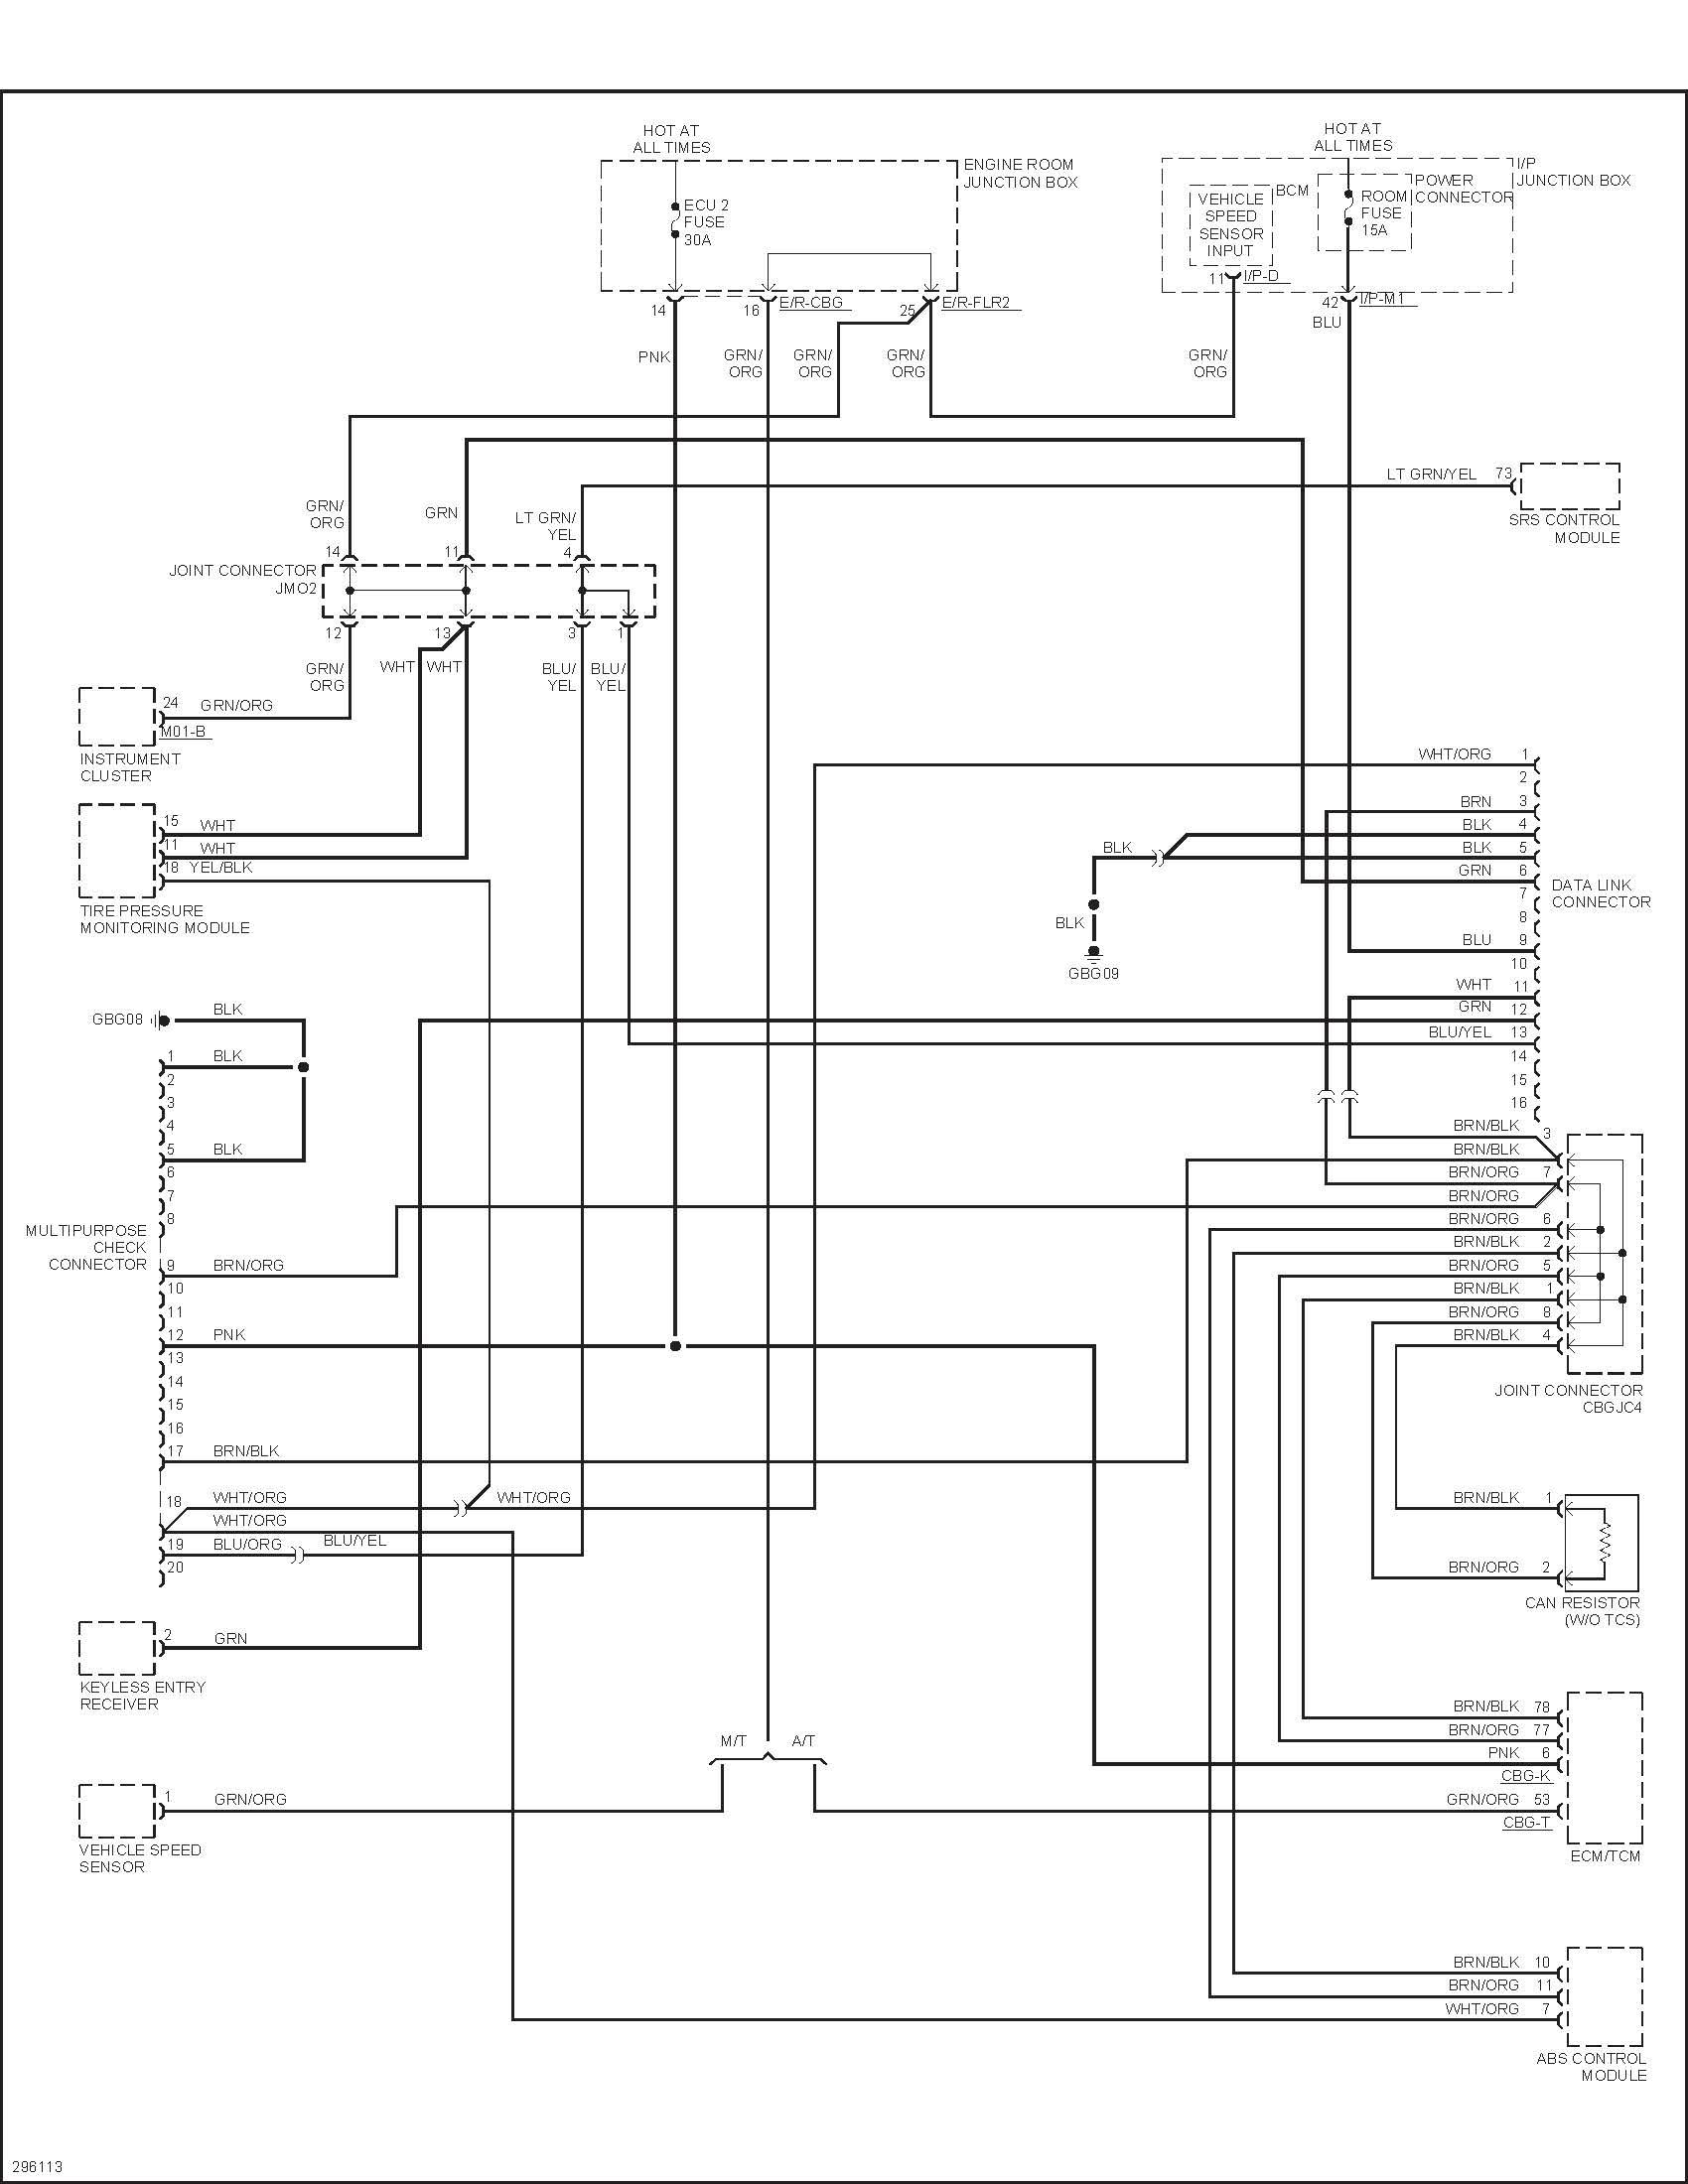 rostra cruise control wiring diagram dolgular com dana cruise control wiring diagram  1954 Ford Overdrive Kickdown Switch Wiring Diagram Cruise Control Radio Rostra Cruise Control Wiring Diagram